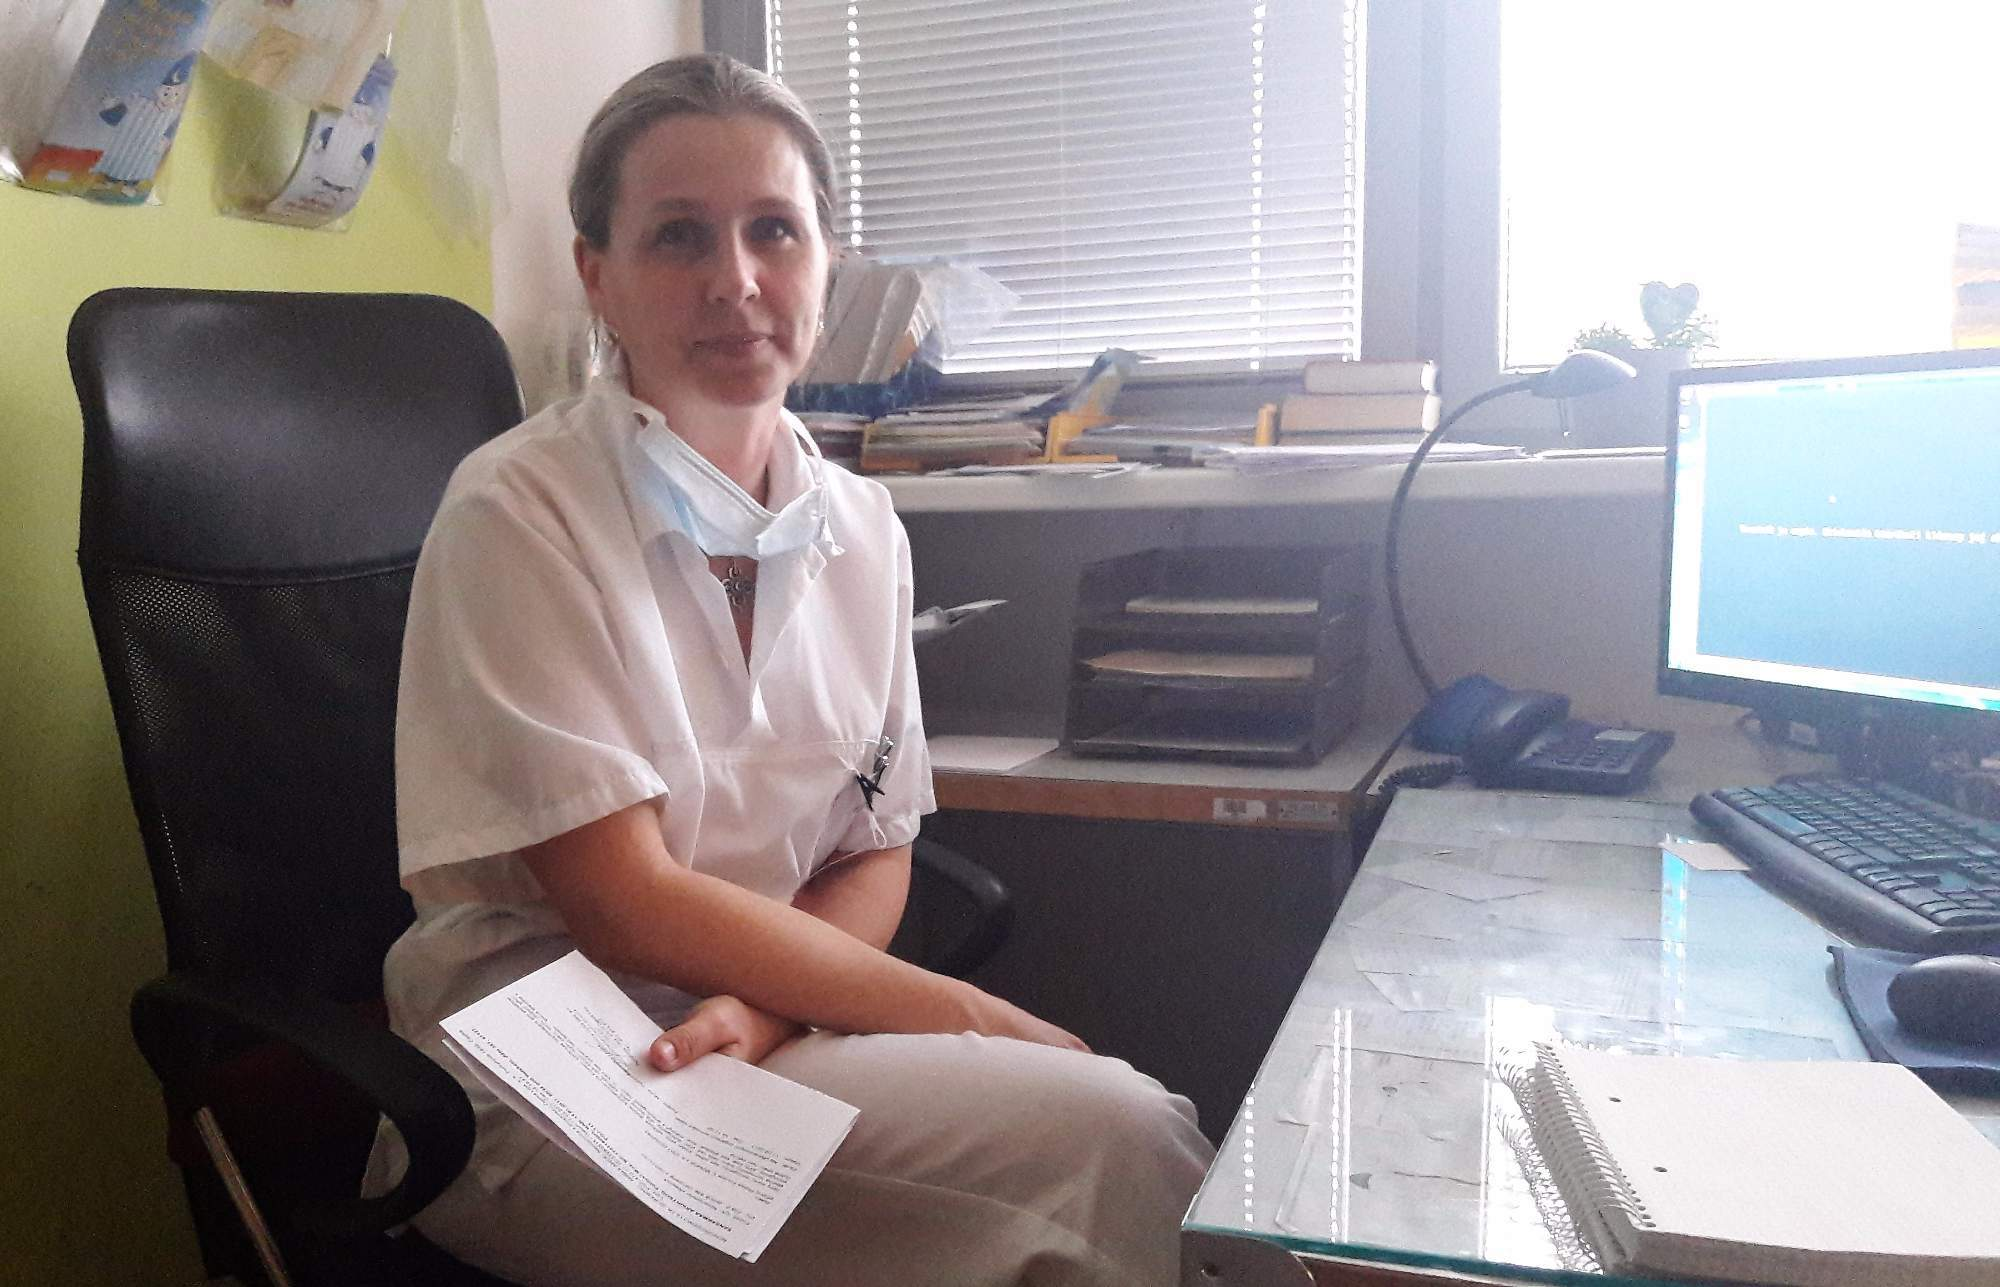 Pamlsková vyhláška má zlepšit stravování ve školách, říká Lenka Pokorná Klímová. Foto: Pavlína Černá